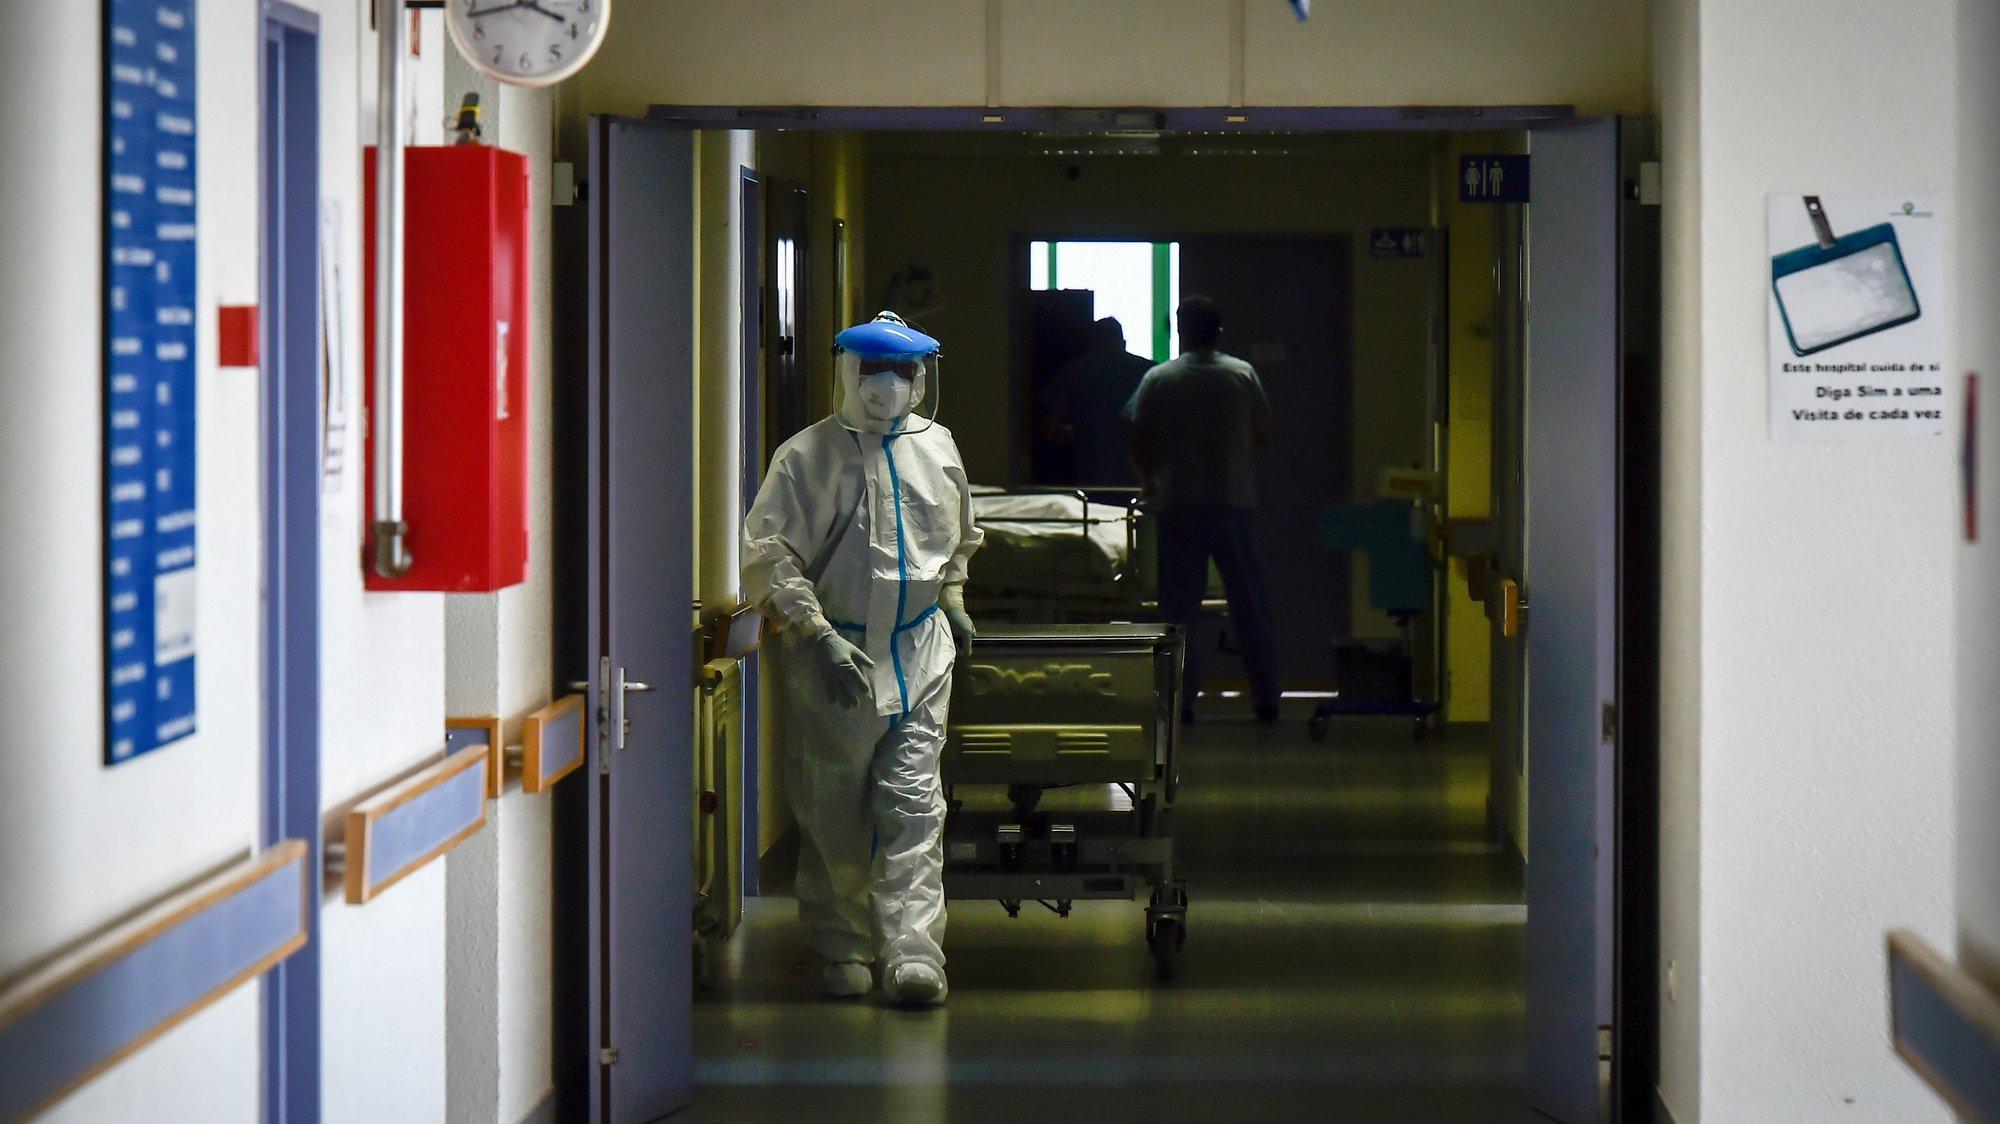 Um assistente operacional da morgue com a maca de transporte de cadáveres, dirige-se para enfermaria do piso 7 do Centro Hospitalar Tondela Viseu (CHTV), dedicado ao tratamento de doentes com covid-19, em Viseu, 09 de março de 2021. (ACOMPANHA TEXTO DA LUSA DO DIA 10 DE MARÇO DE 2021). NUNO ANDRÉ FERREIRA/LUSA